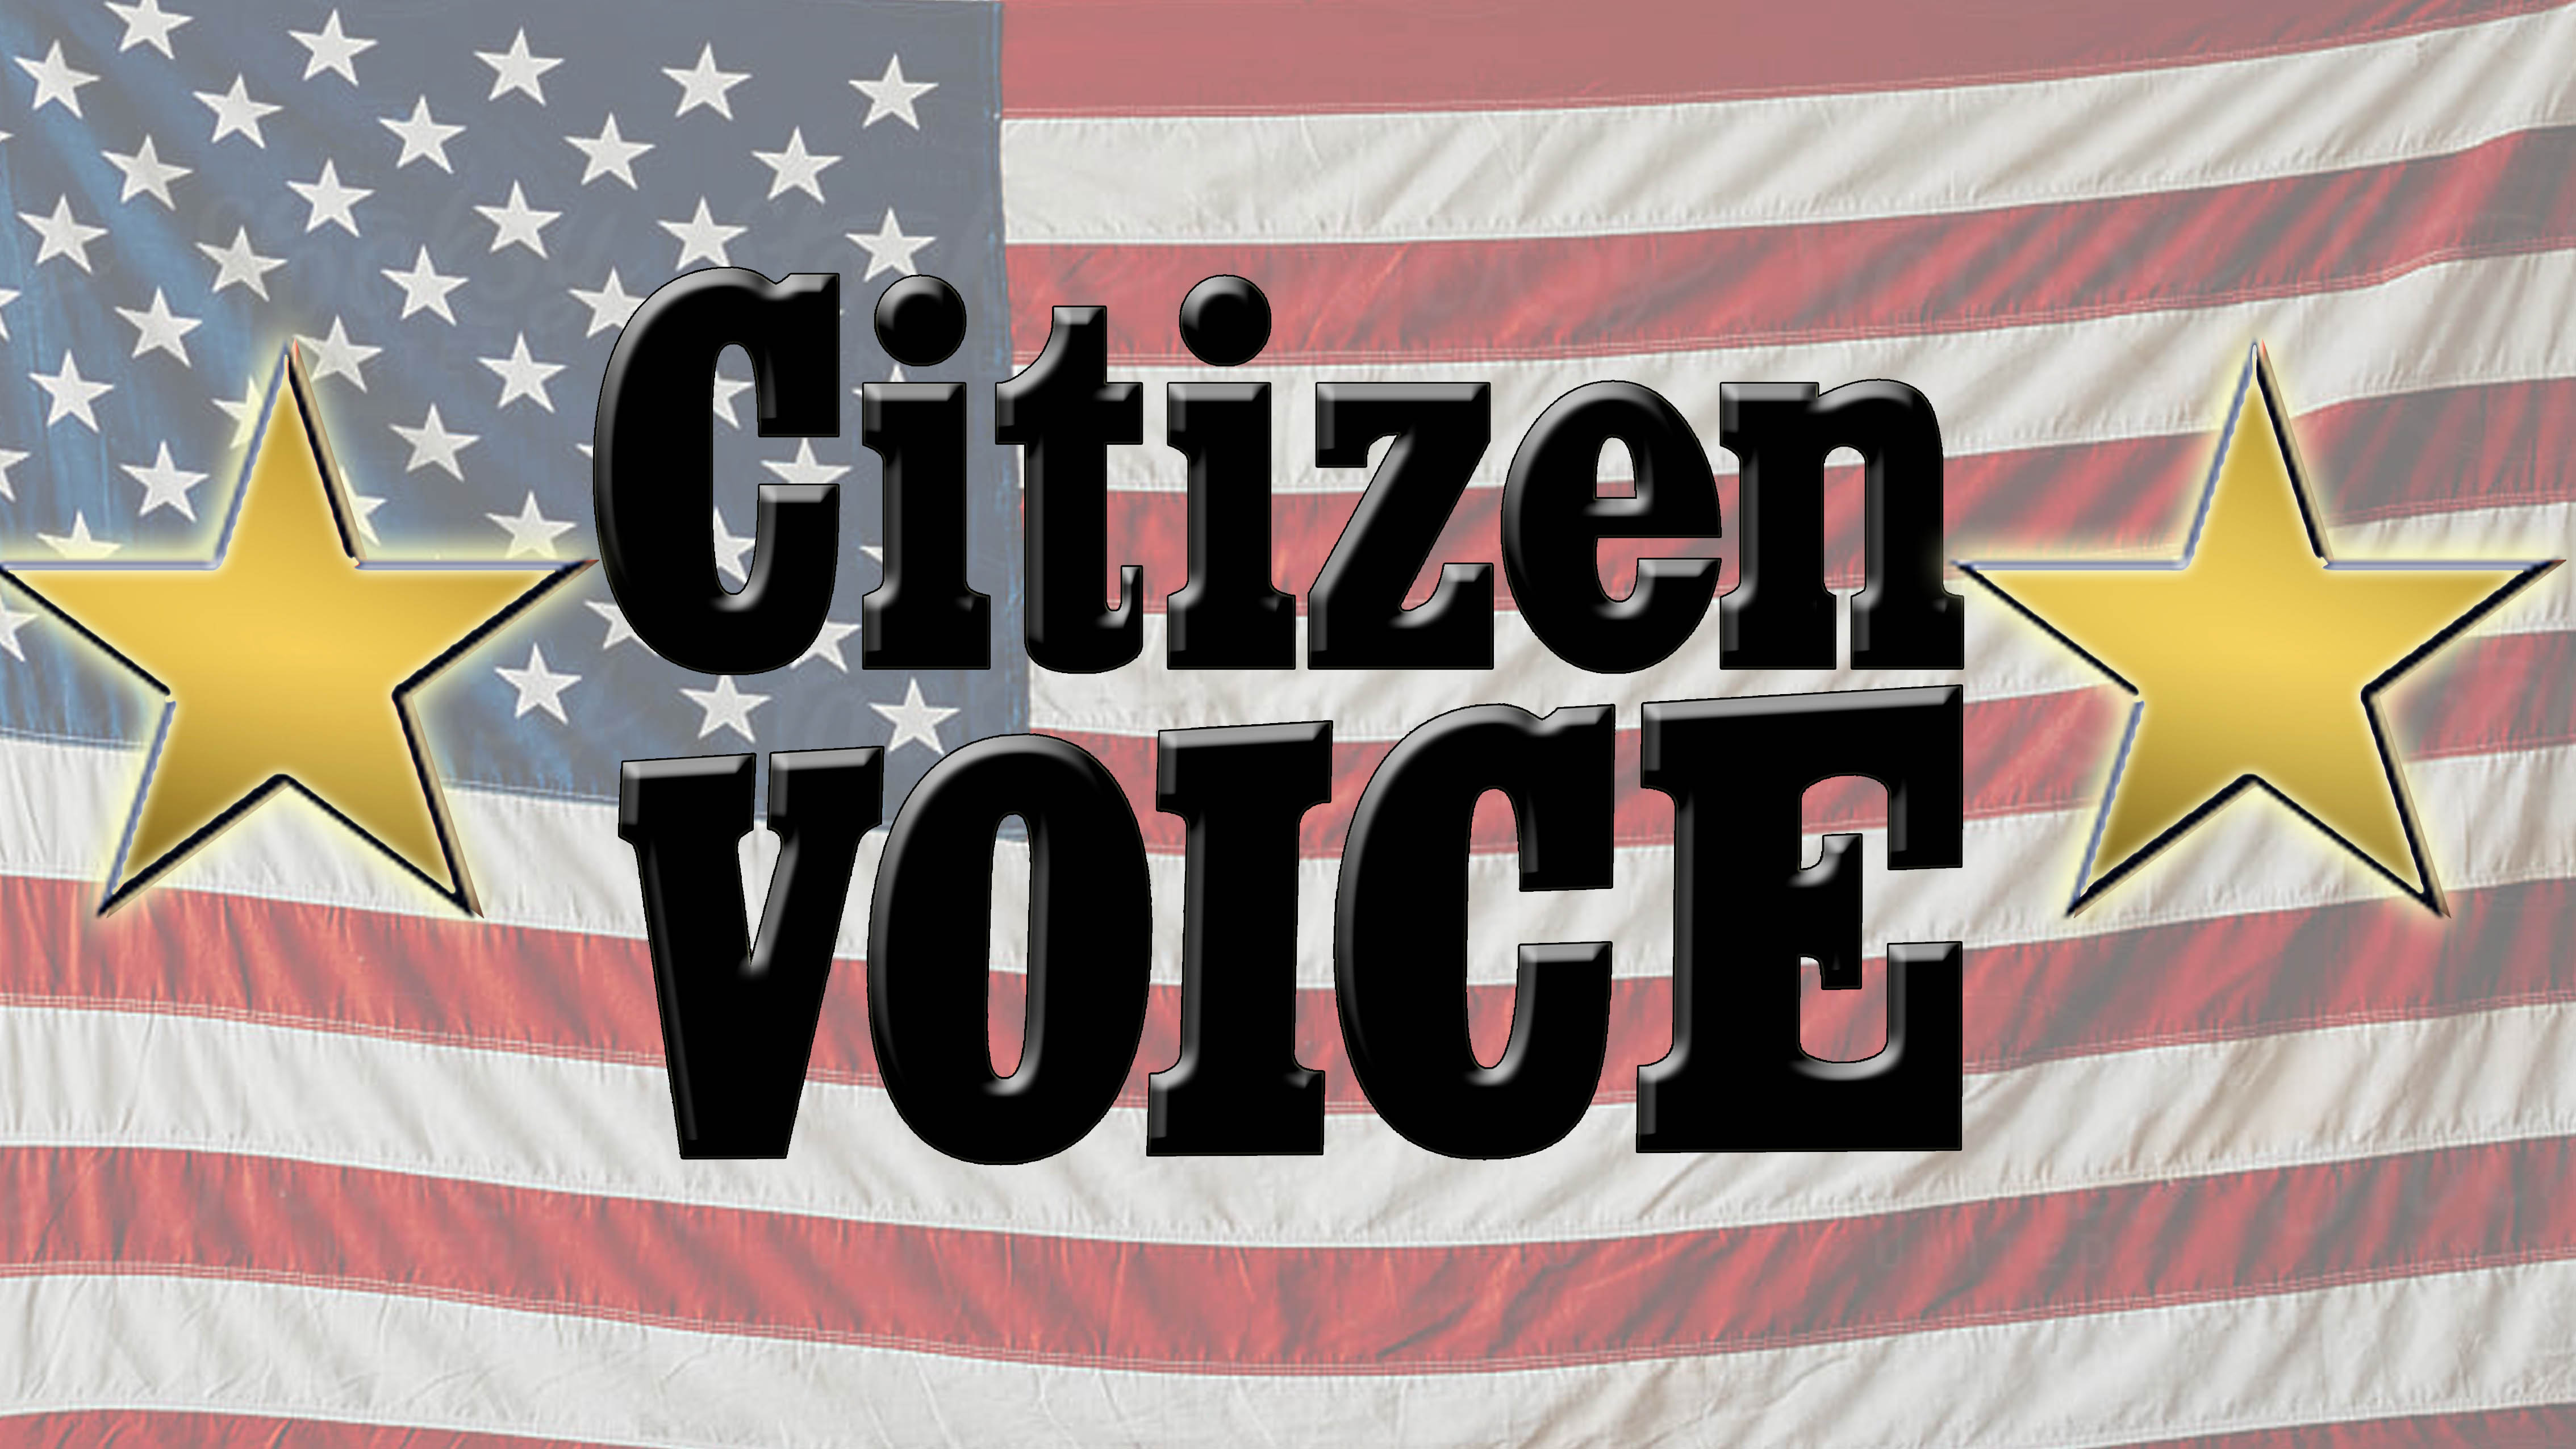 Citizen Voice - 'True U.S. History' with Dennis Jamison | Episode 15